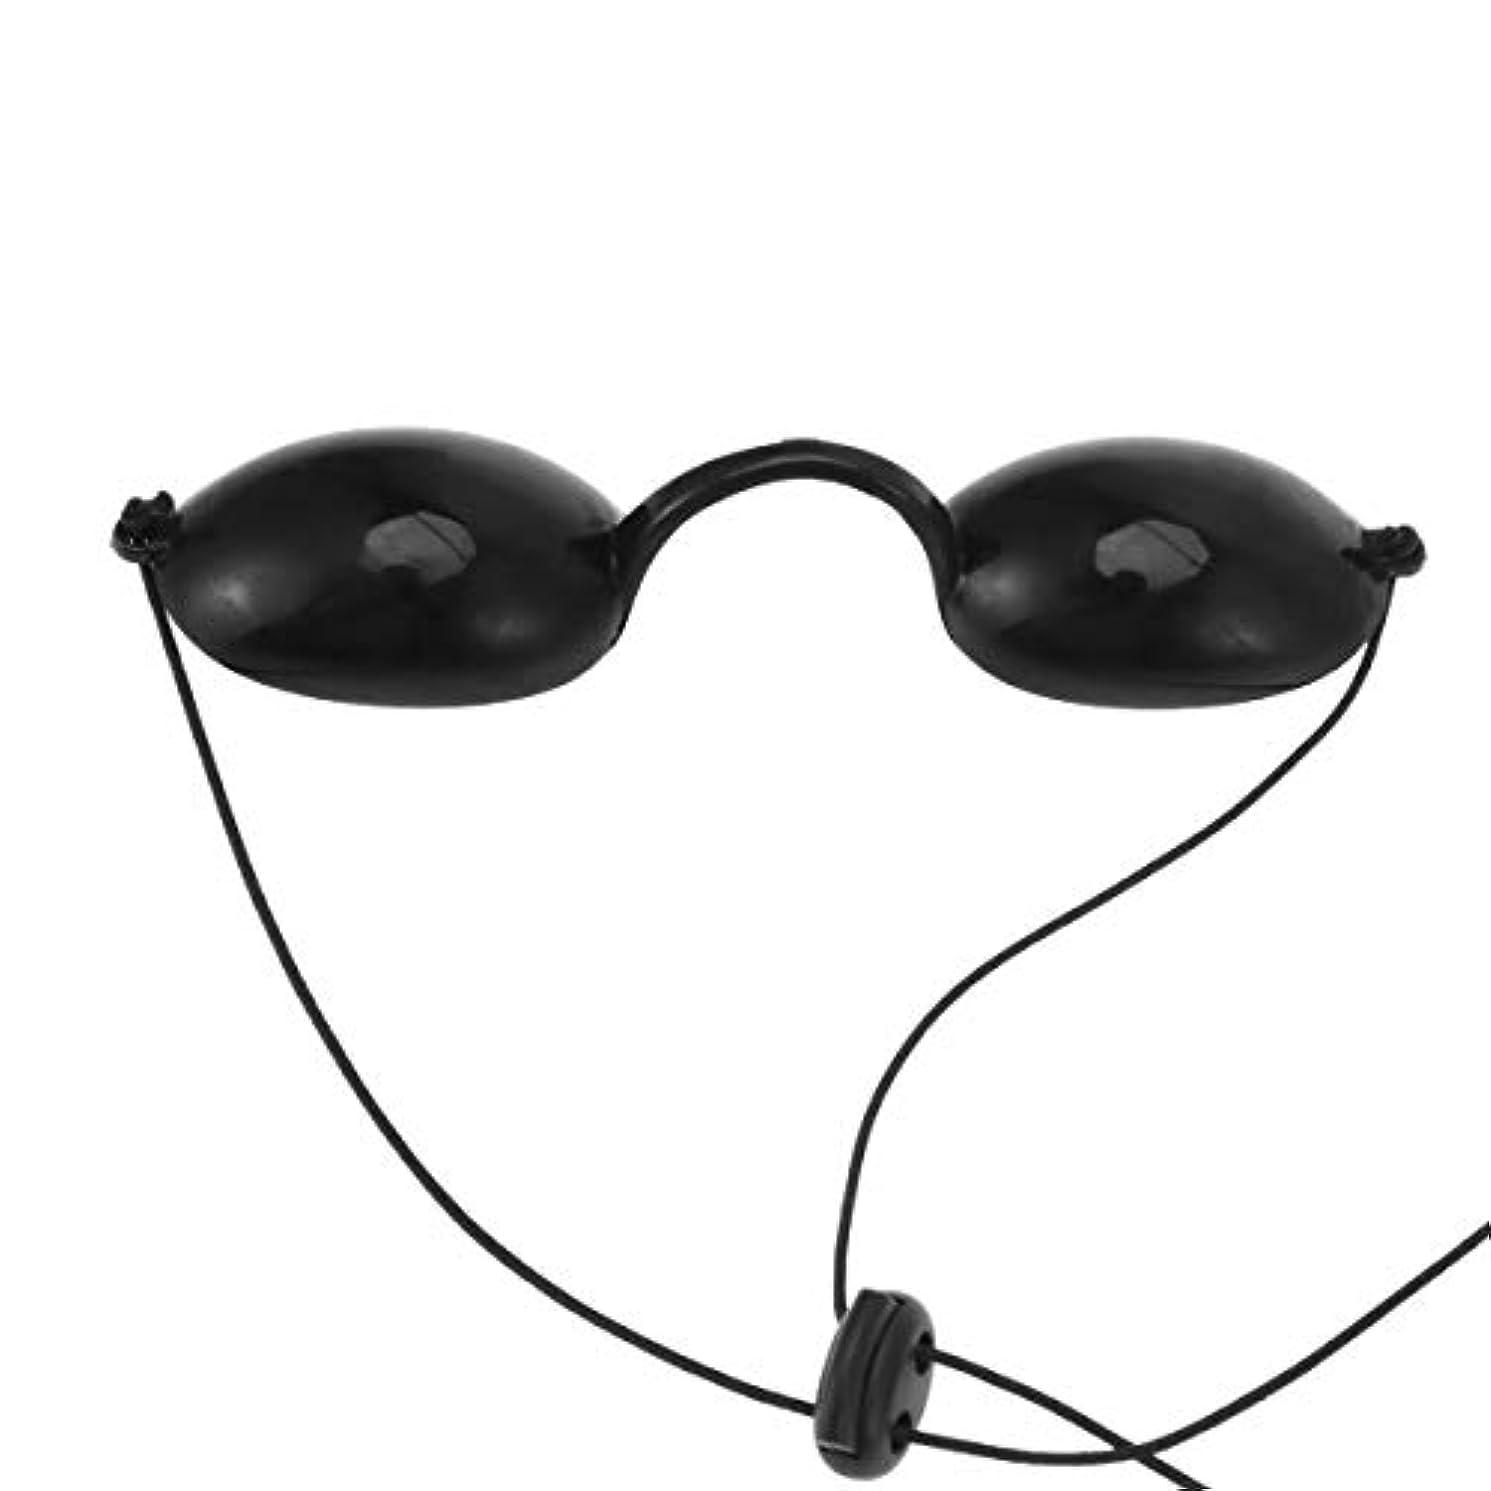 爆風に付ける著名なSUPVOX成人日焼けゴーグルUVプロテクションアイパッチライトセラピーメガネアイカラー(ブラック)